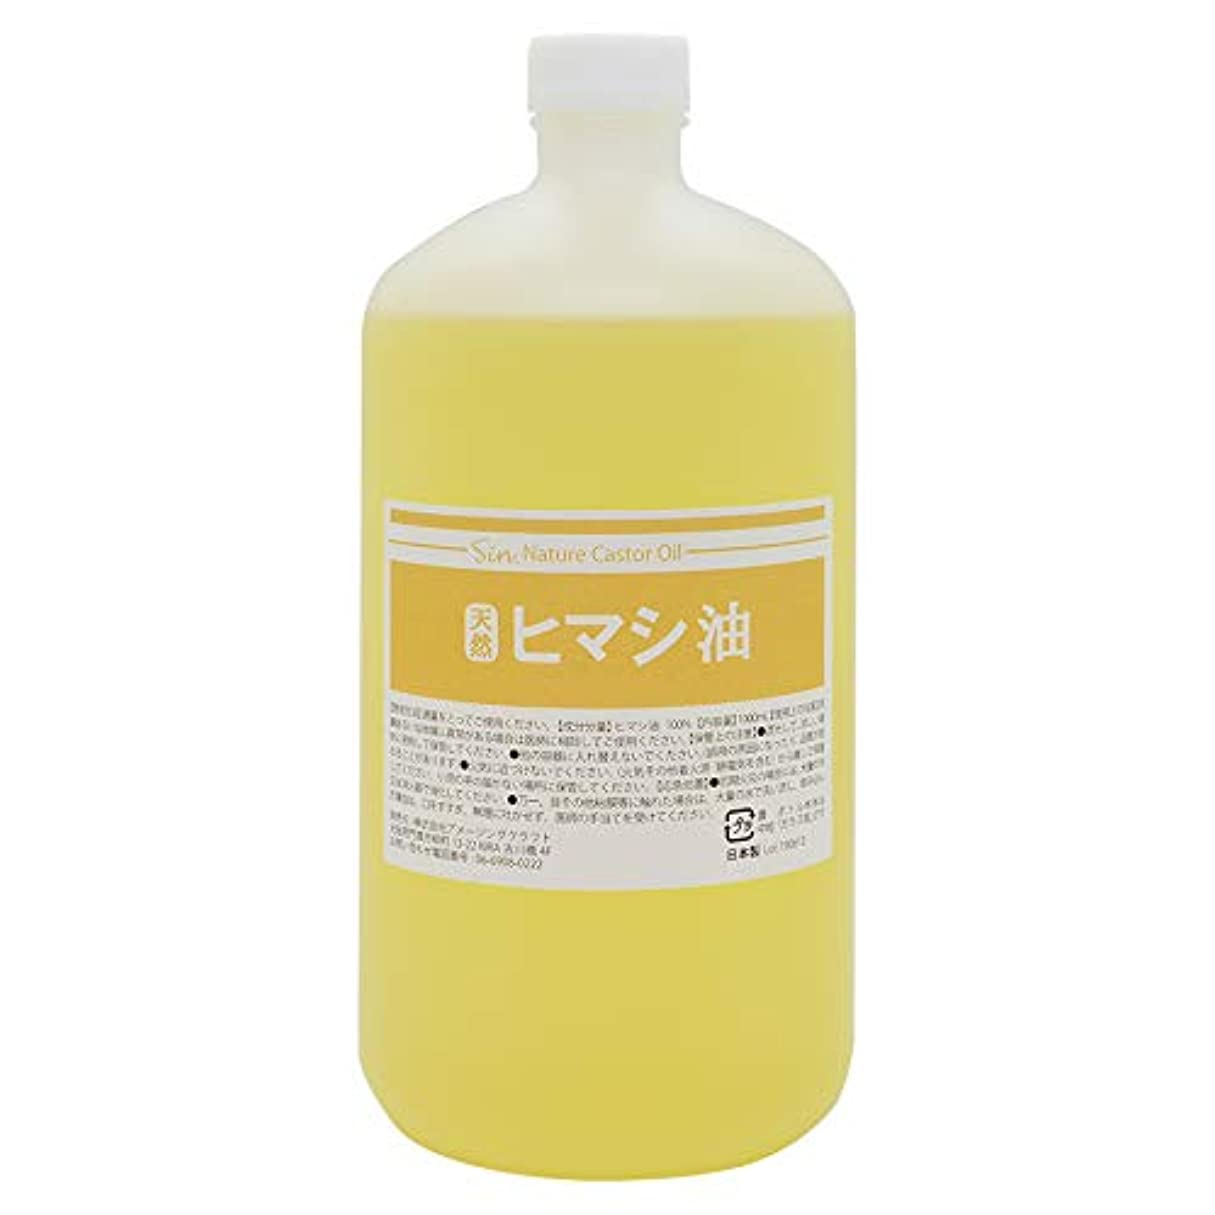 微視的最少減少天然無添加 国内精製 ひまし油 1000ml (ヒマシ油 キャスターオイル)